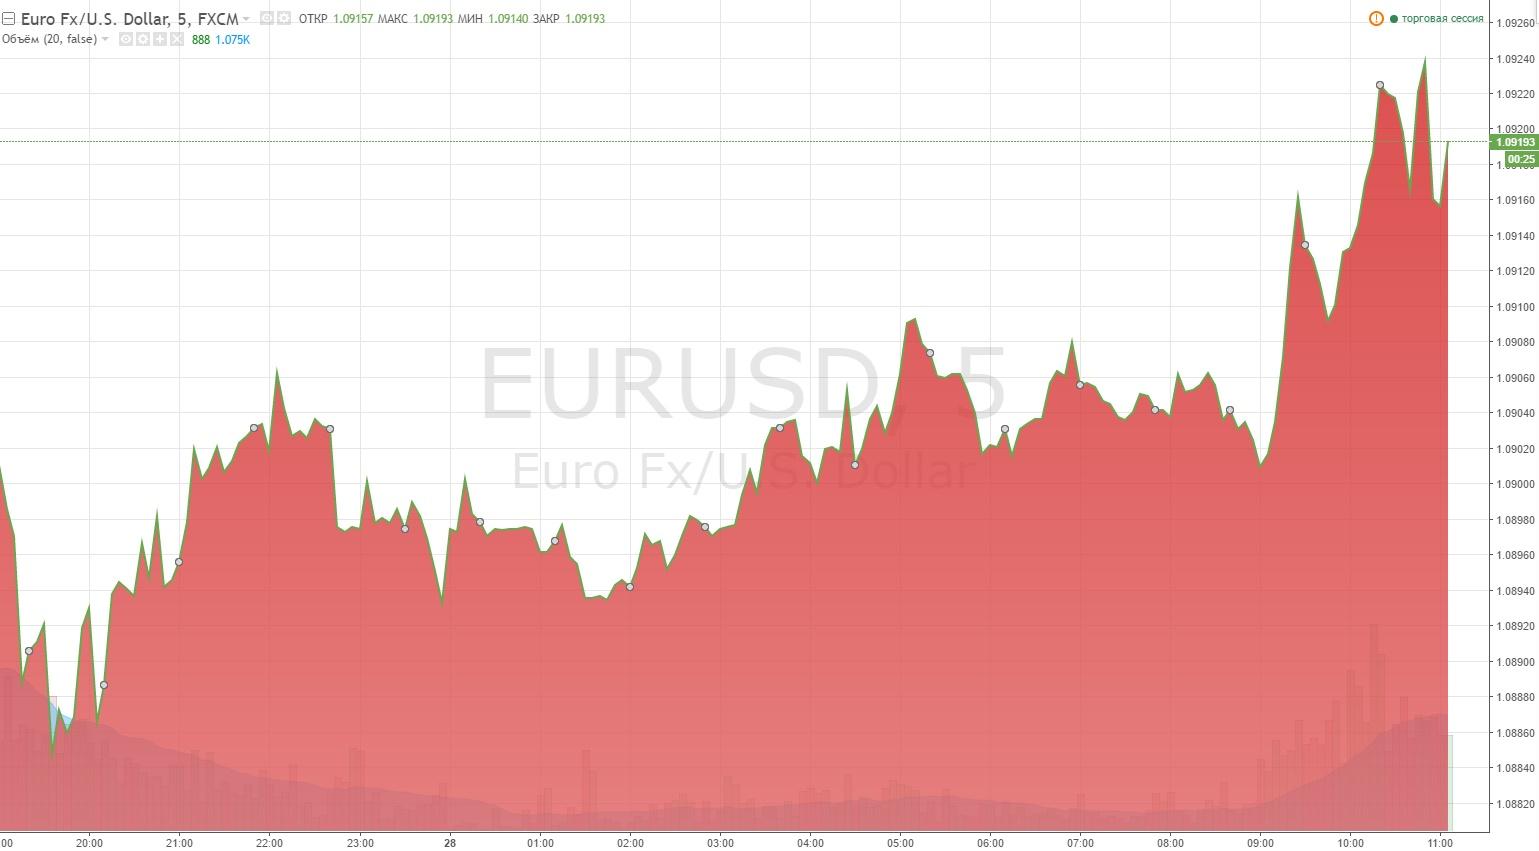 Аналитика рынка Форекс, фондовых, товарных и сырьевых бирж